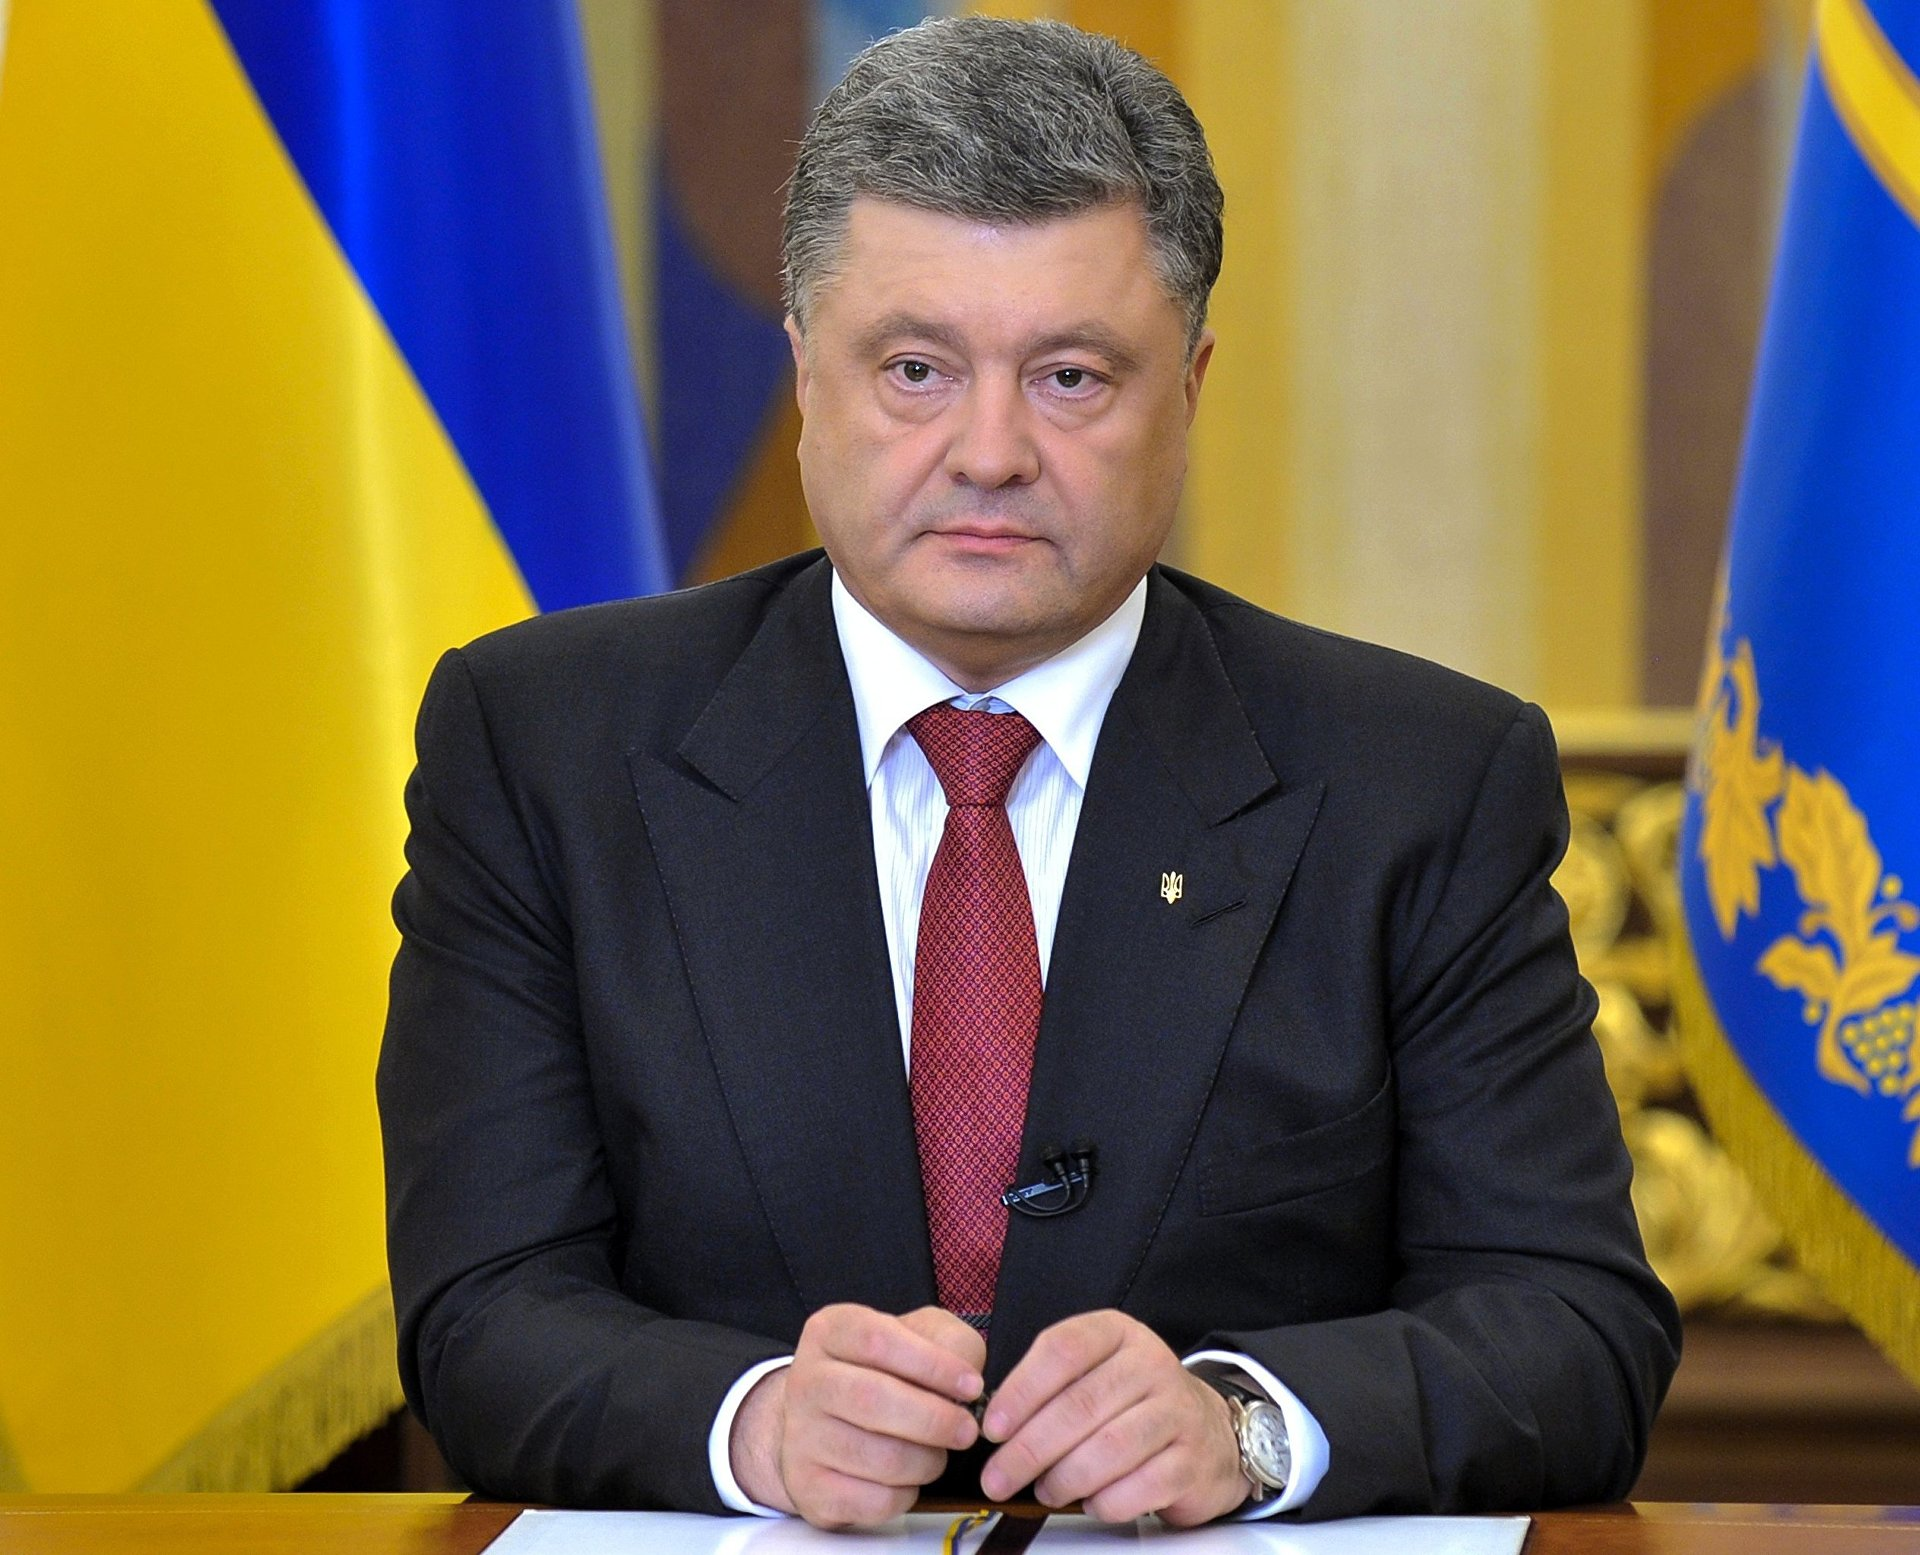 http://ukraina.ru/images/101353/61/1013536115.jpg